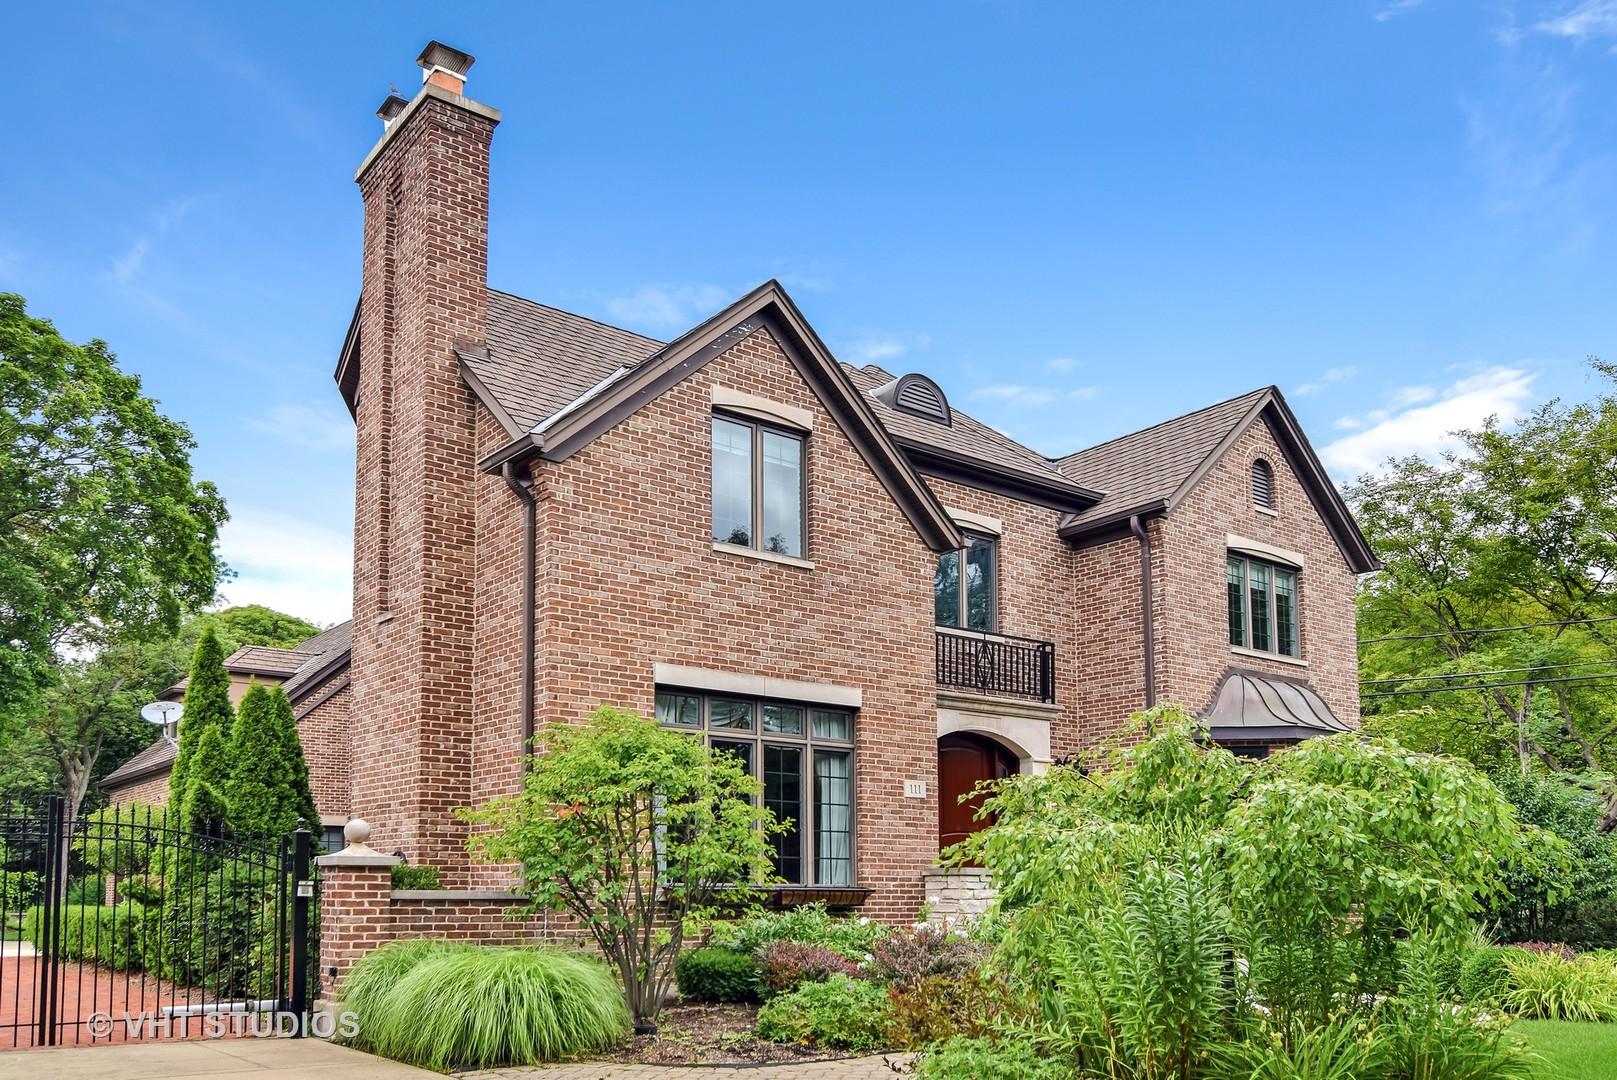 $1,950,000 - 5Br/5Ba -  for Sale in Elmhurst